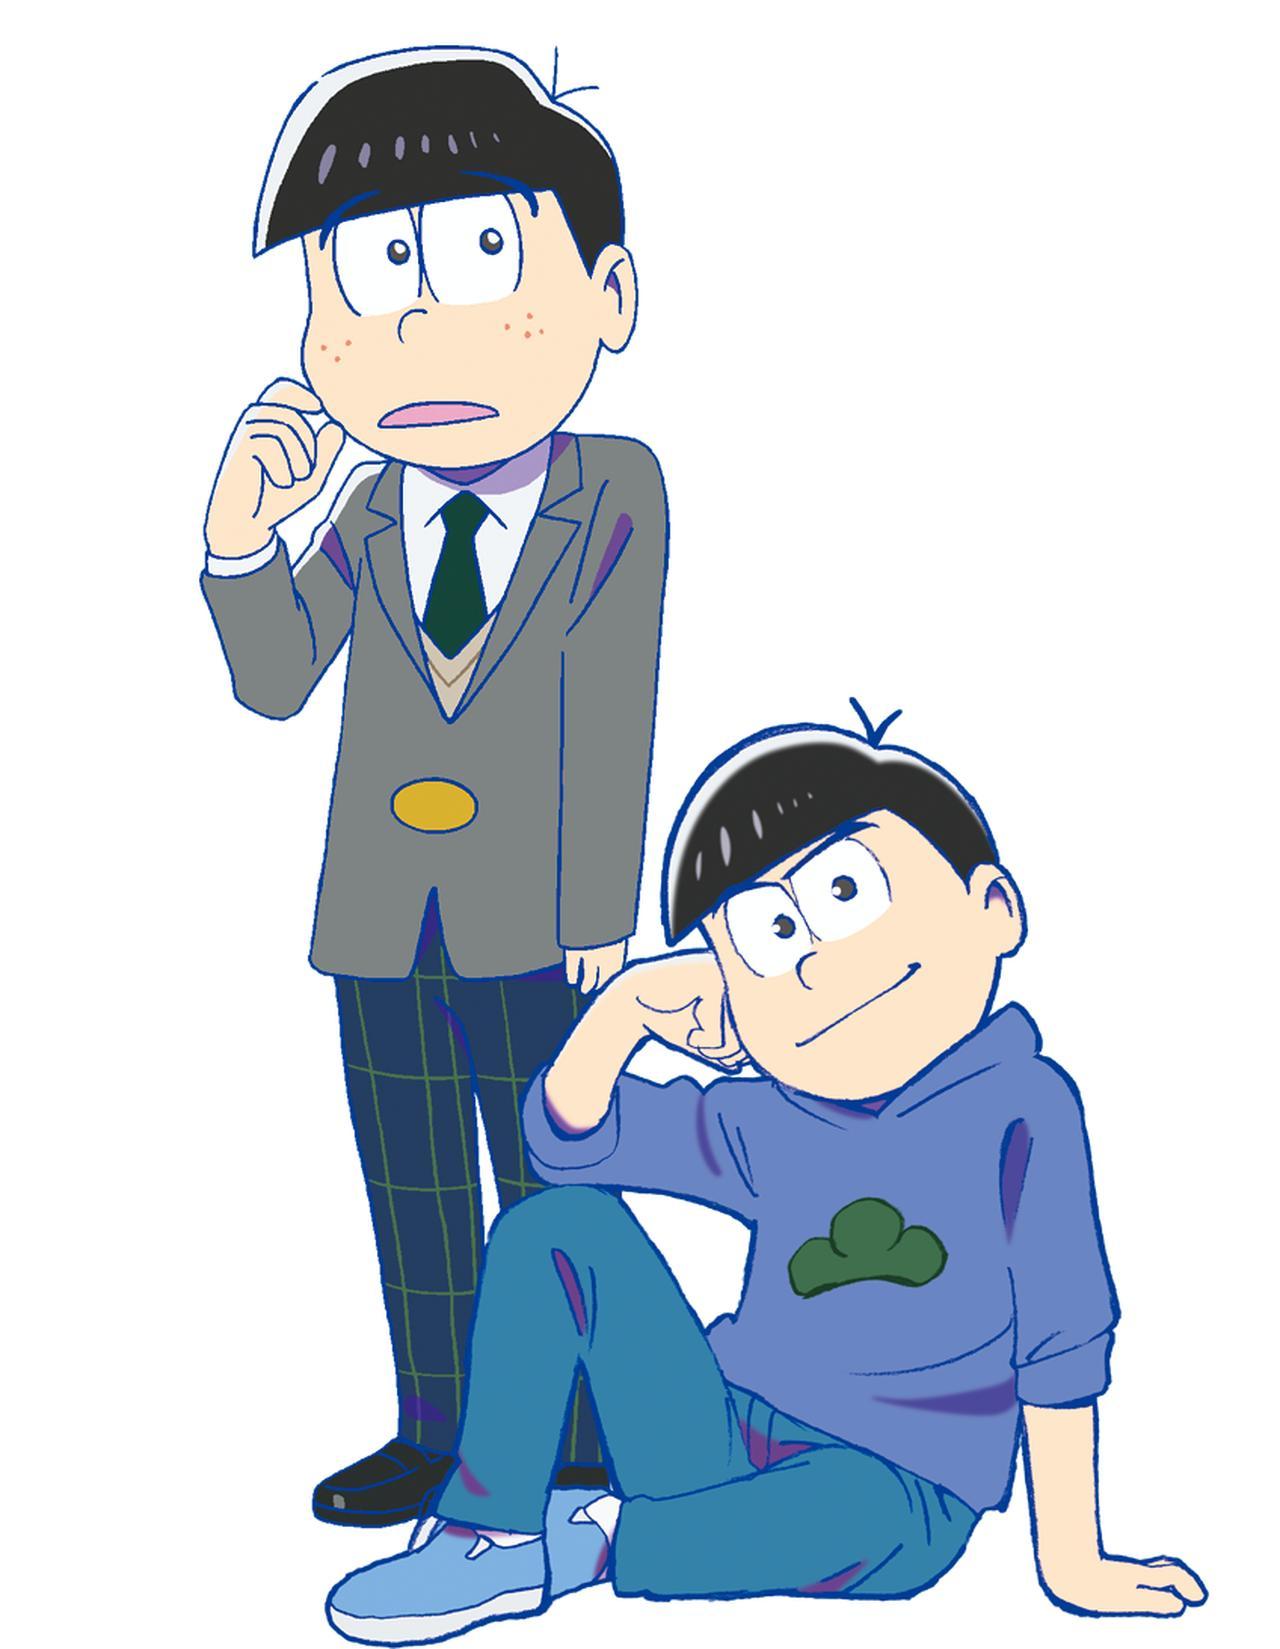 画像6: 3/15公開「えいがのおそ松さん」6つ子が劇場版になって帰ってくる!